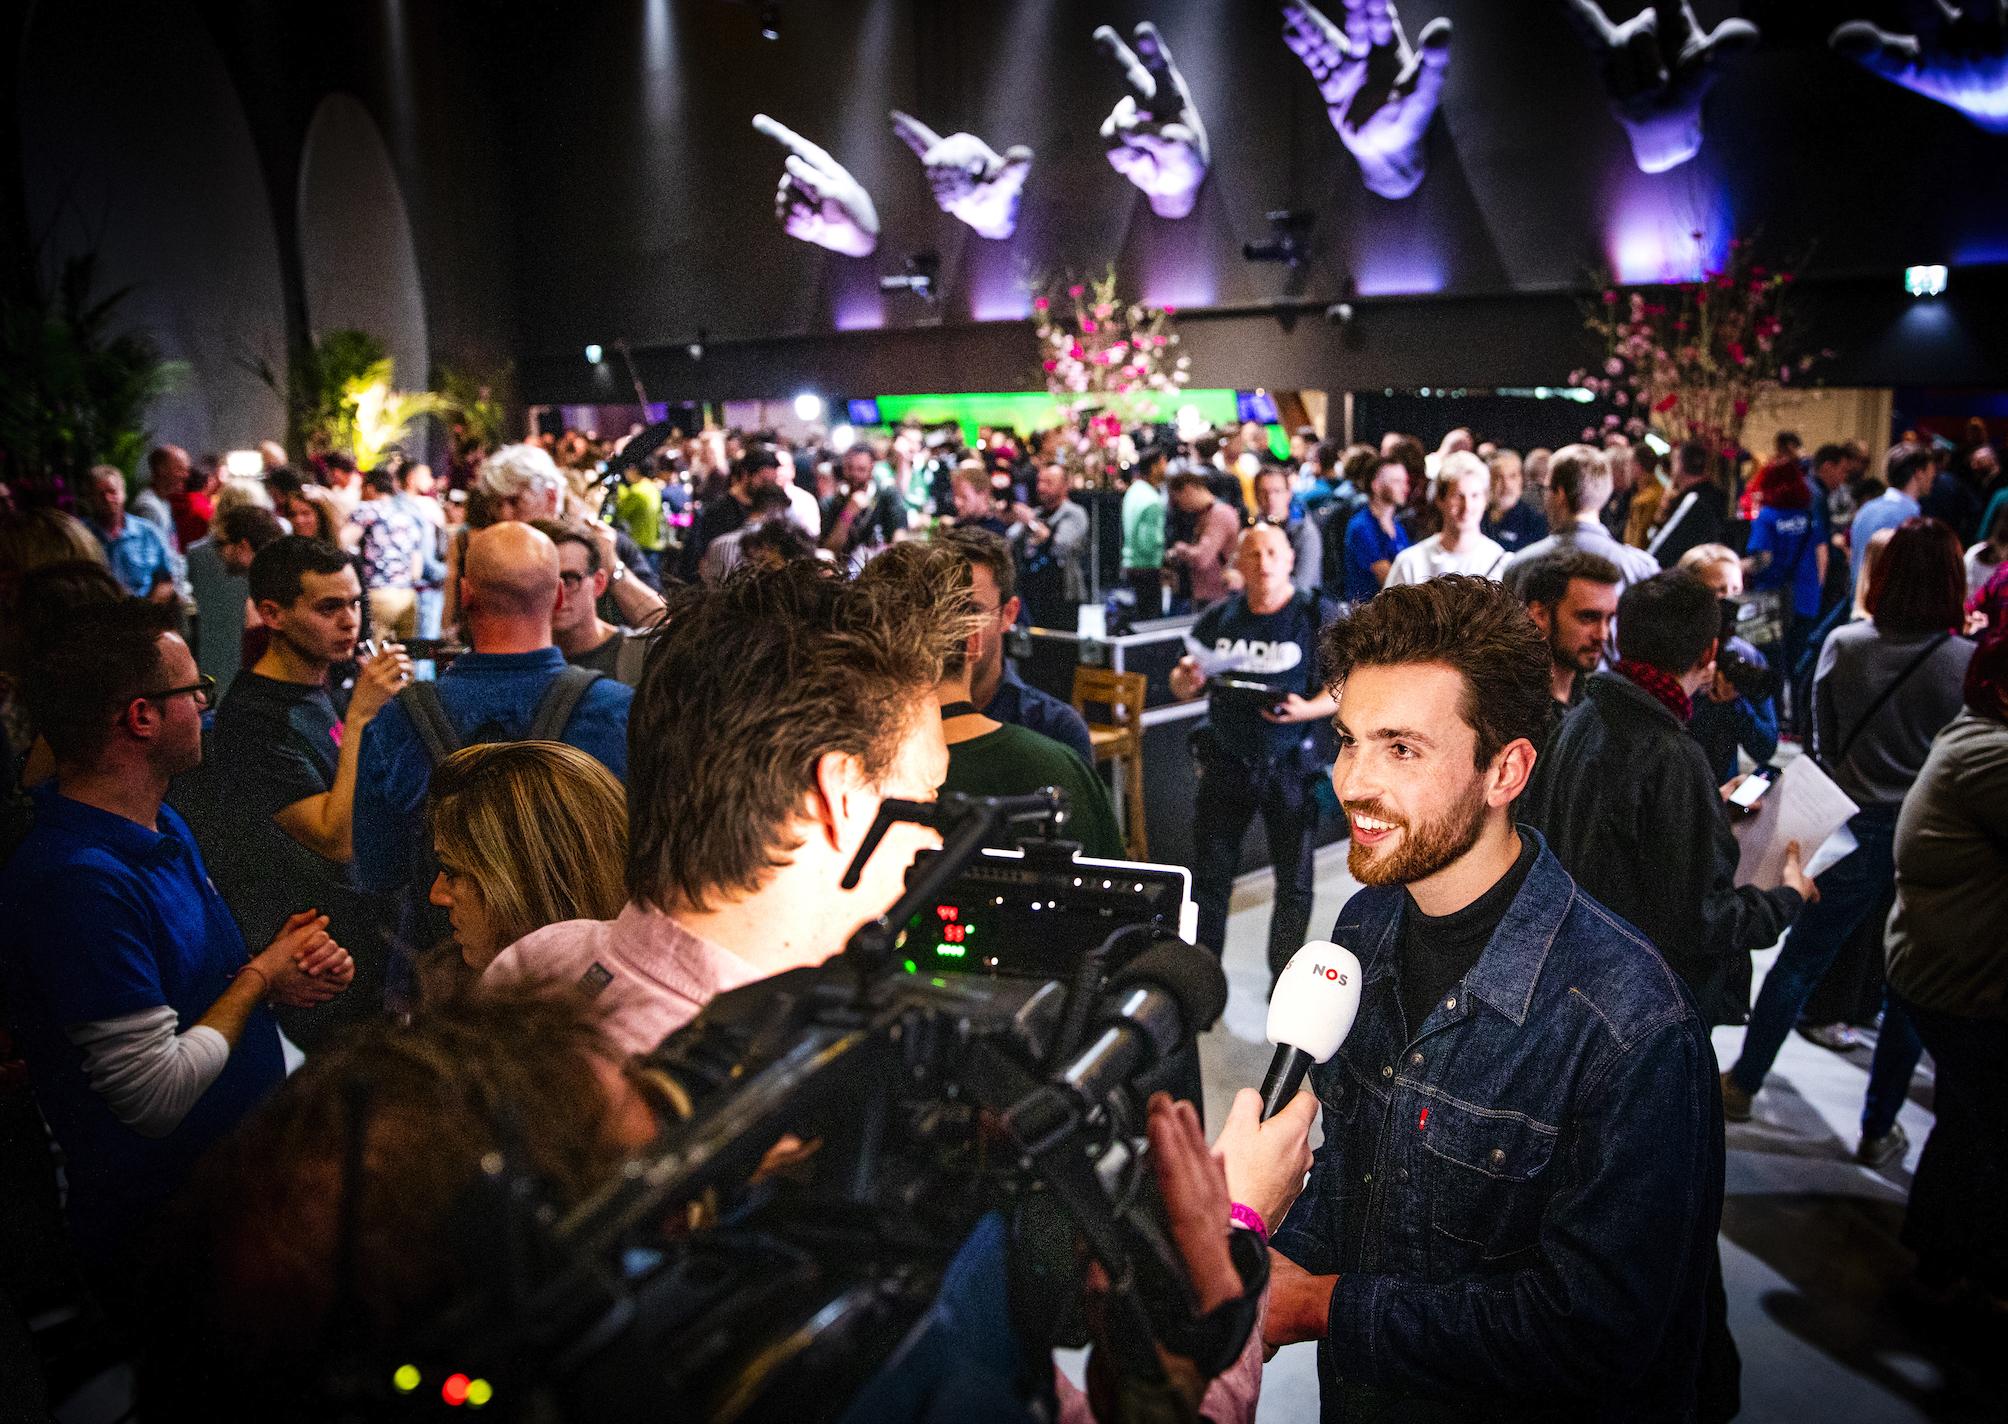 Eerste Songfestivalevent van de baan: 'Opties in kaart brengen'